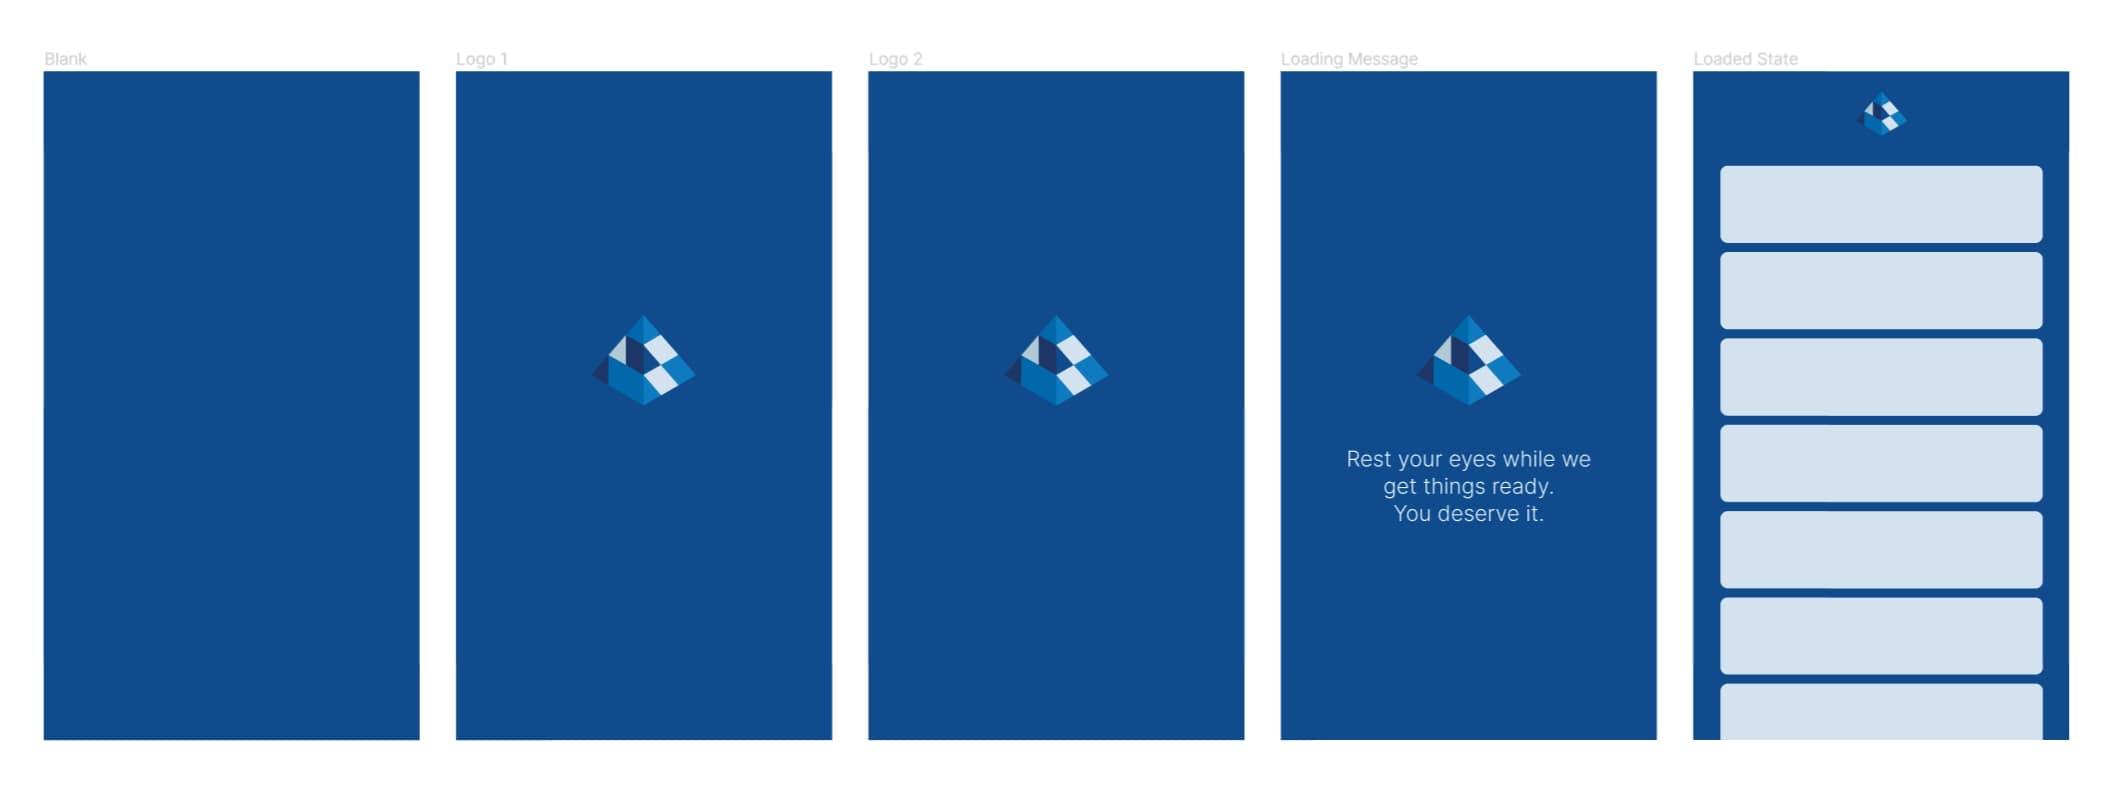 Figma Blue Prism prototype.